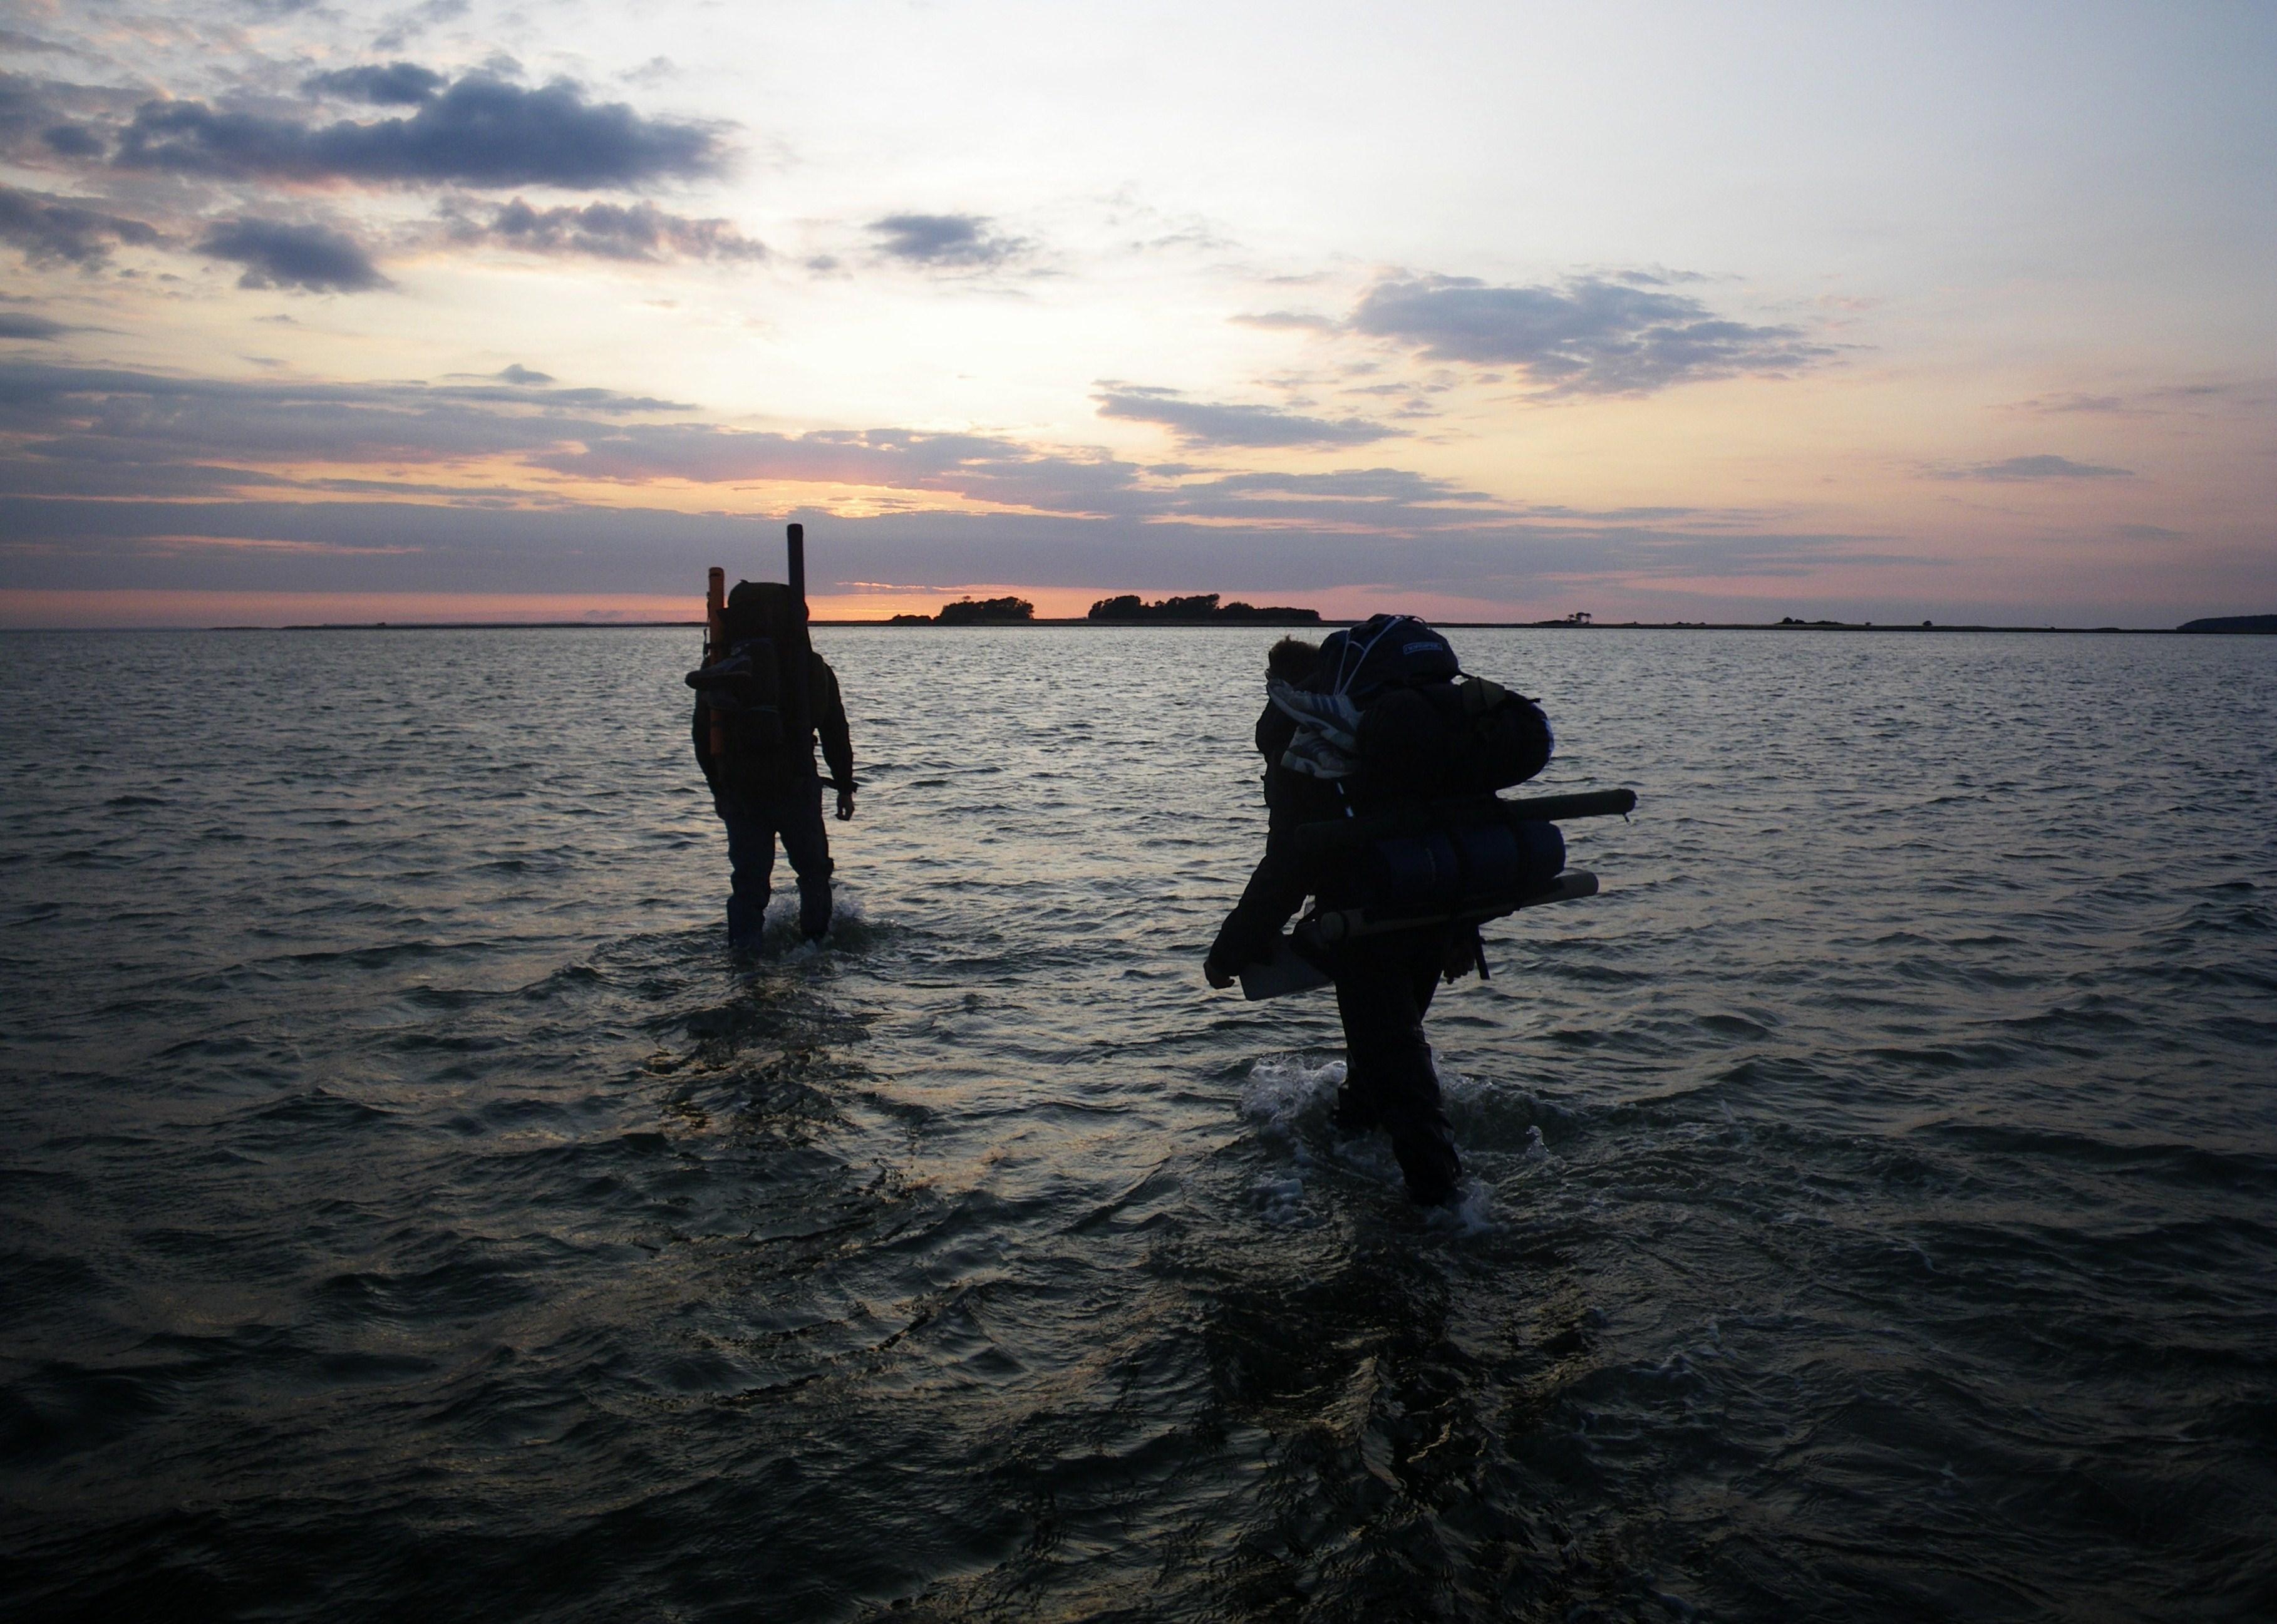 aebelo isola isole danimarca cosa fare cosa vedere in danimarca